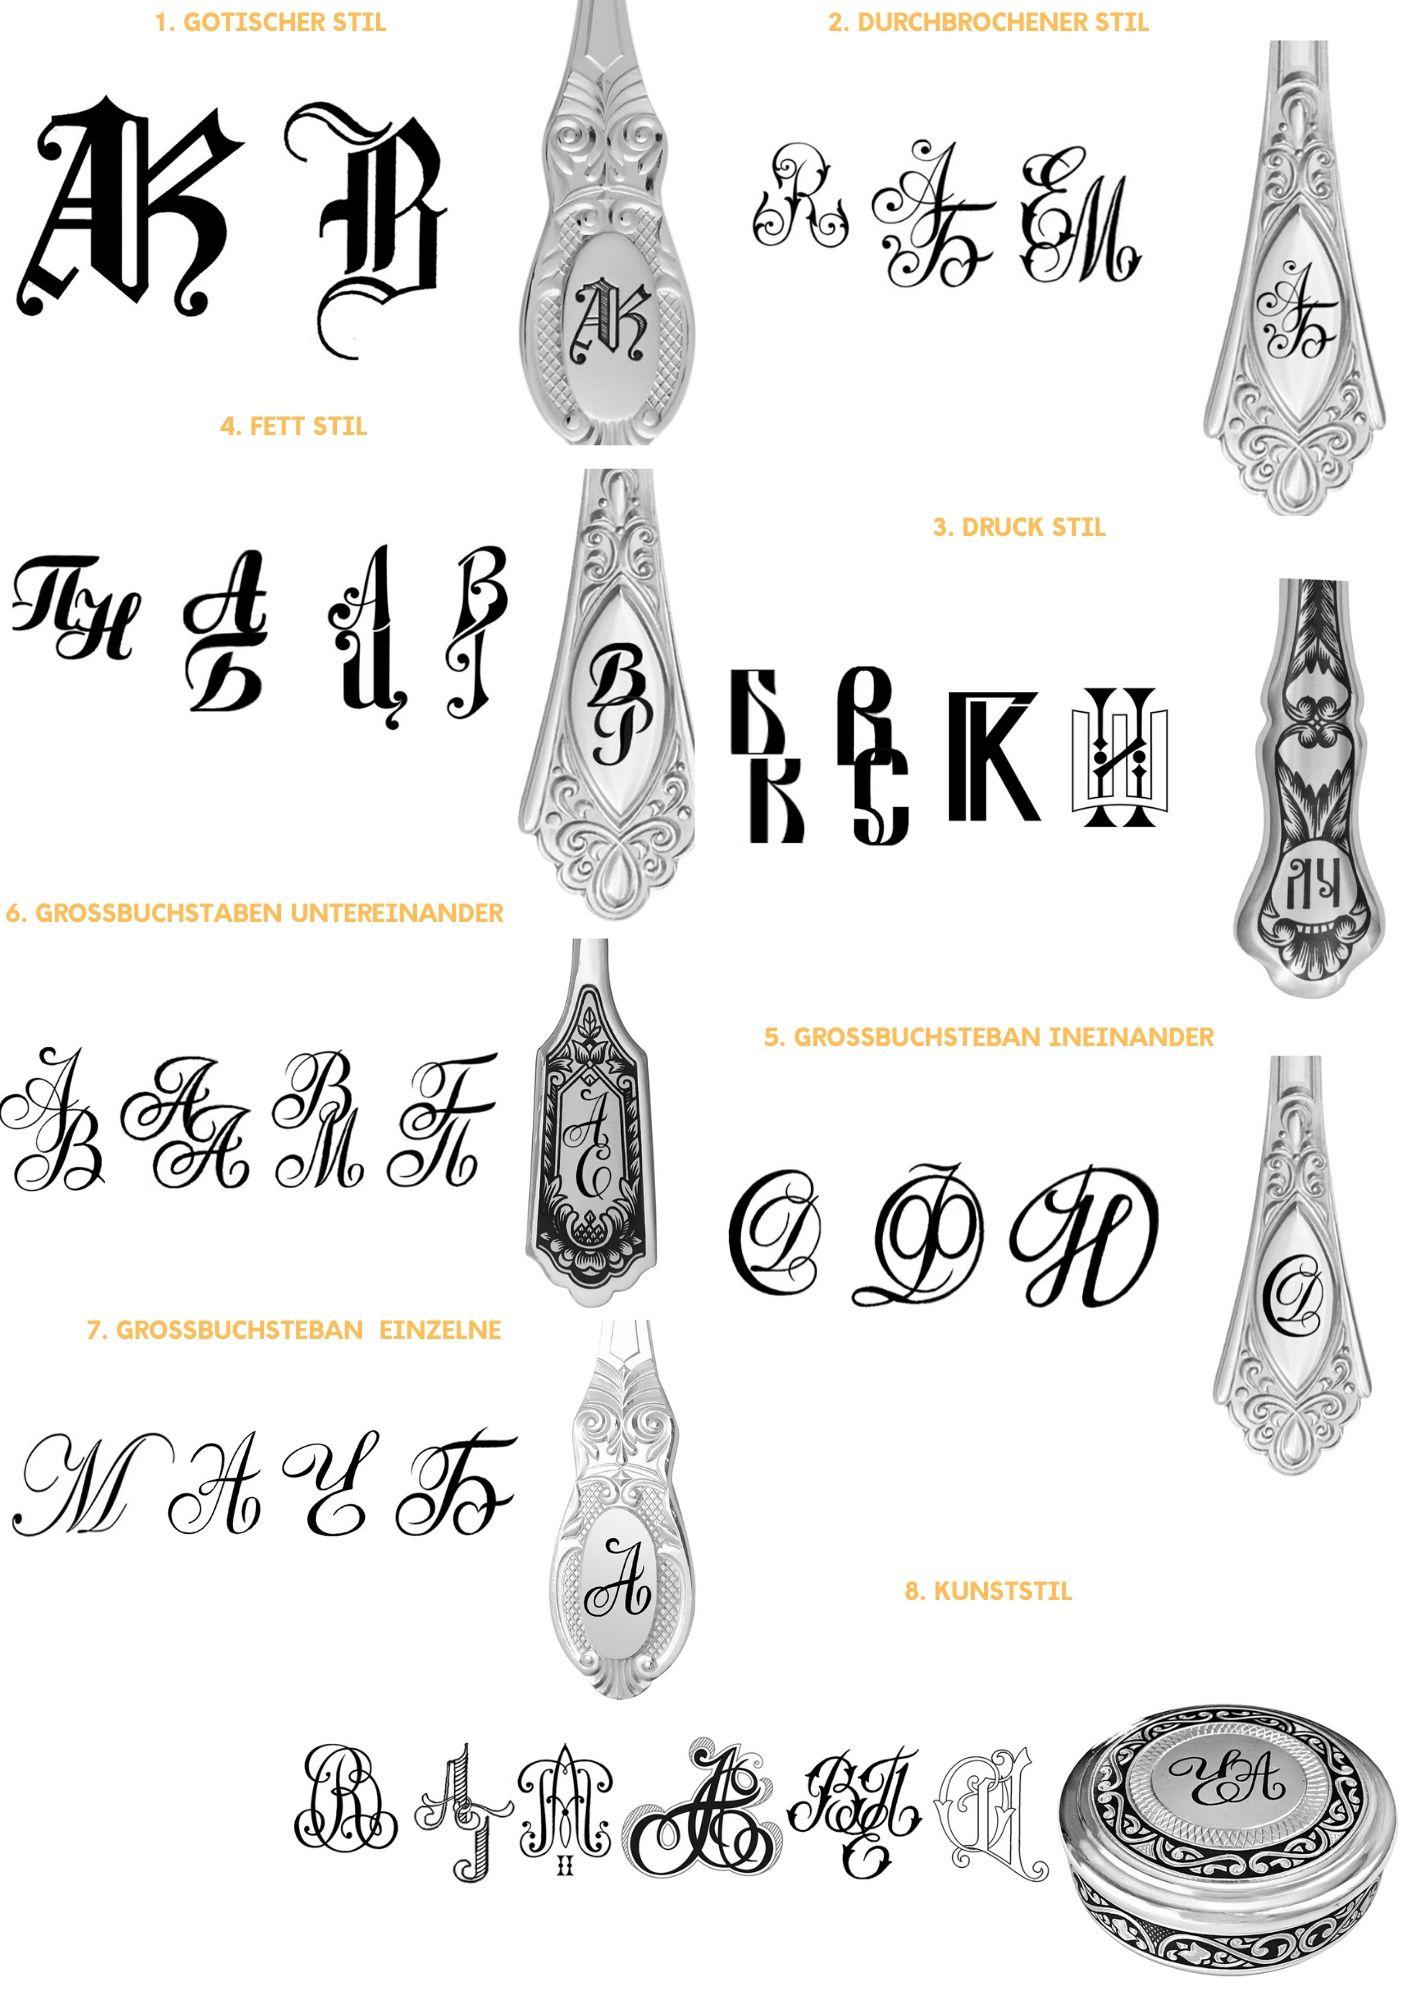 Tafelsilber-Gravur-Monogramme-Stil-Arten